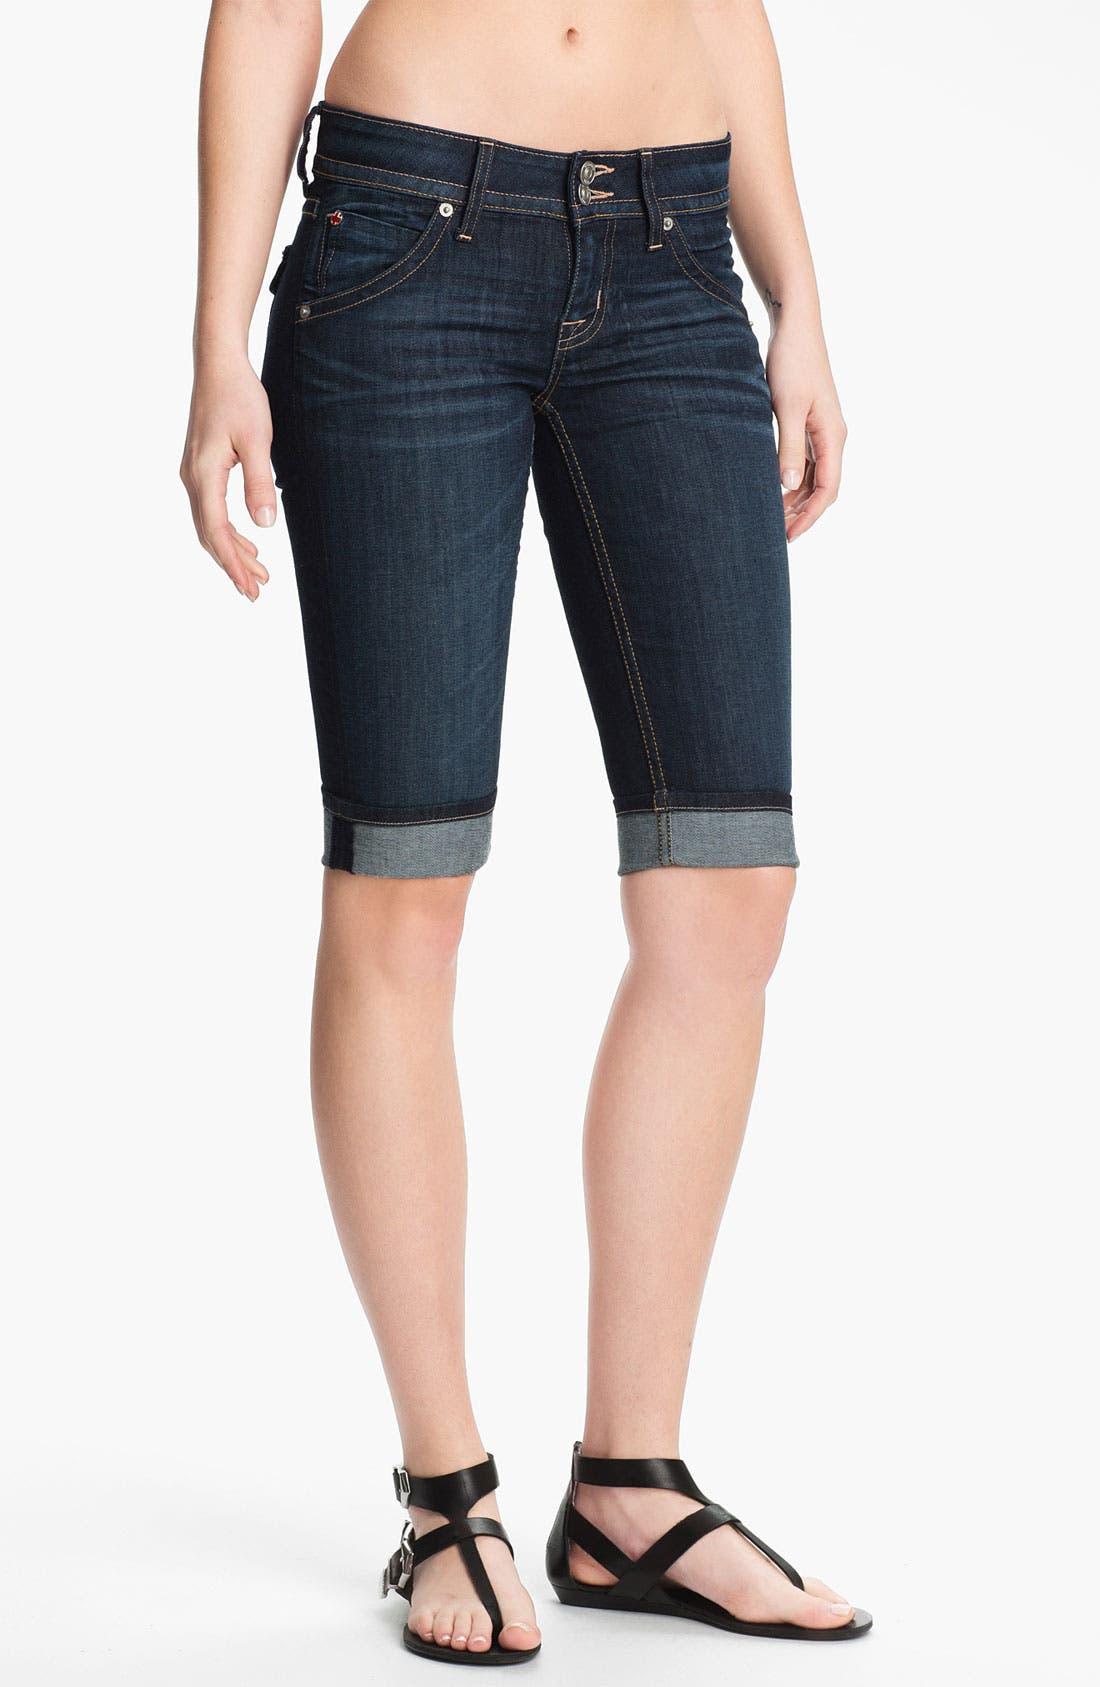 Alternate Image 1 Selected - Hudson Jeans Cuff Stretch Denim Bermuda Shorts (Stella)